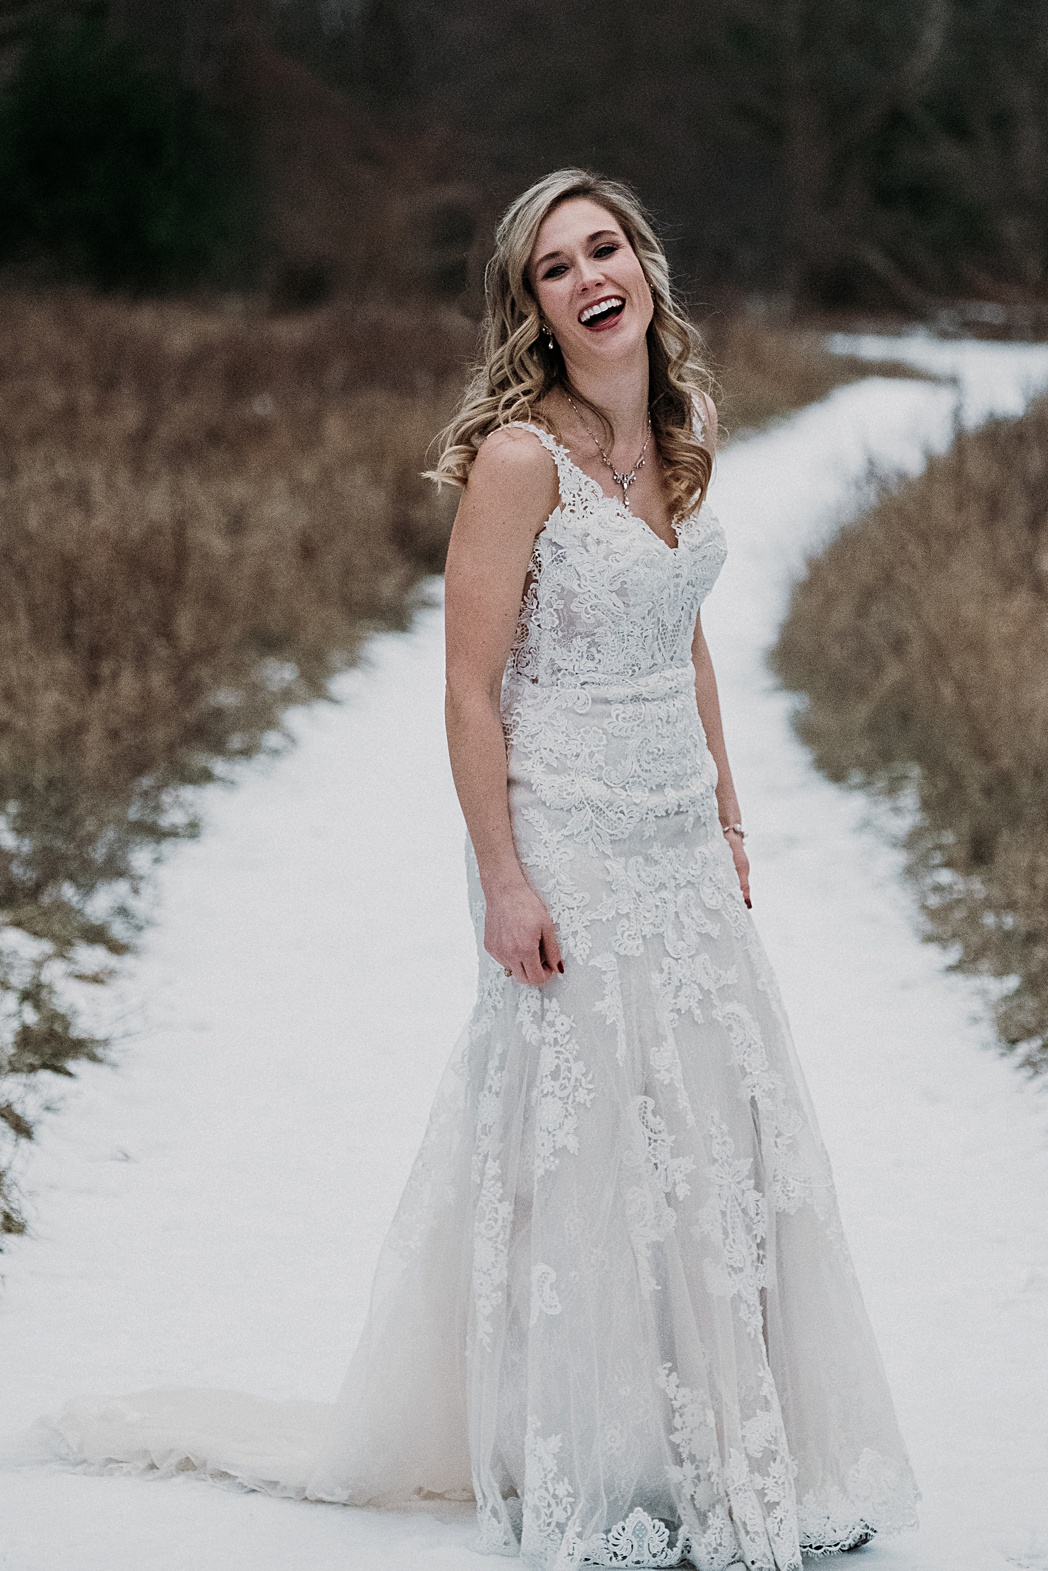 Winter Bride Bridal Session